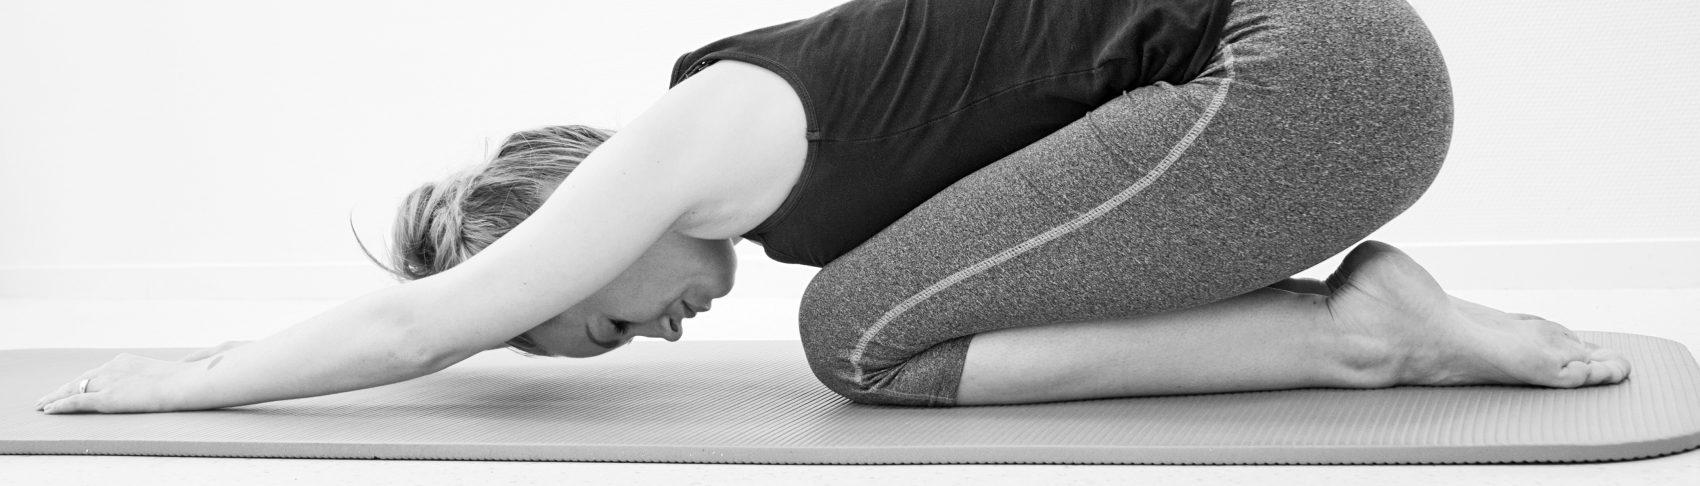 rekoefening schouder arm en rugspieren